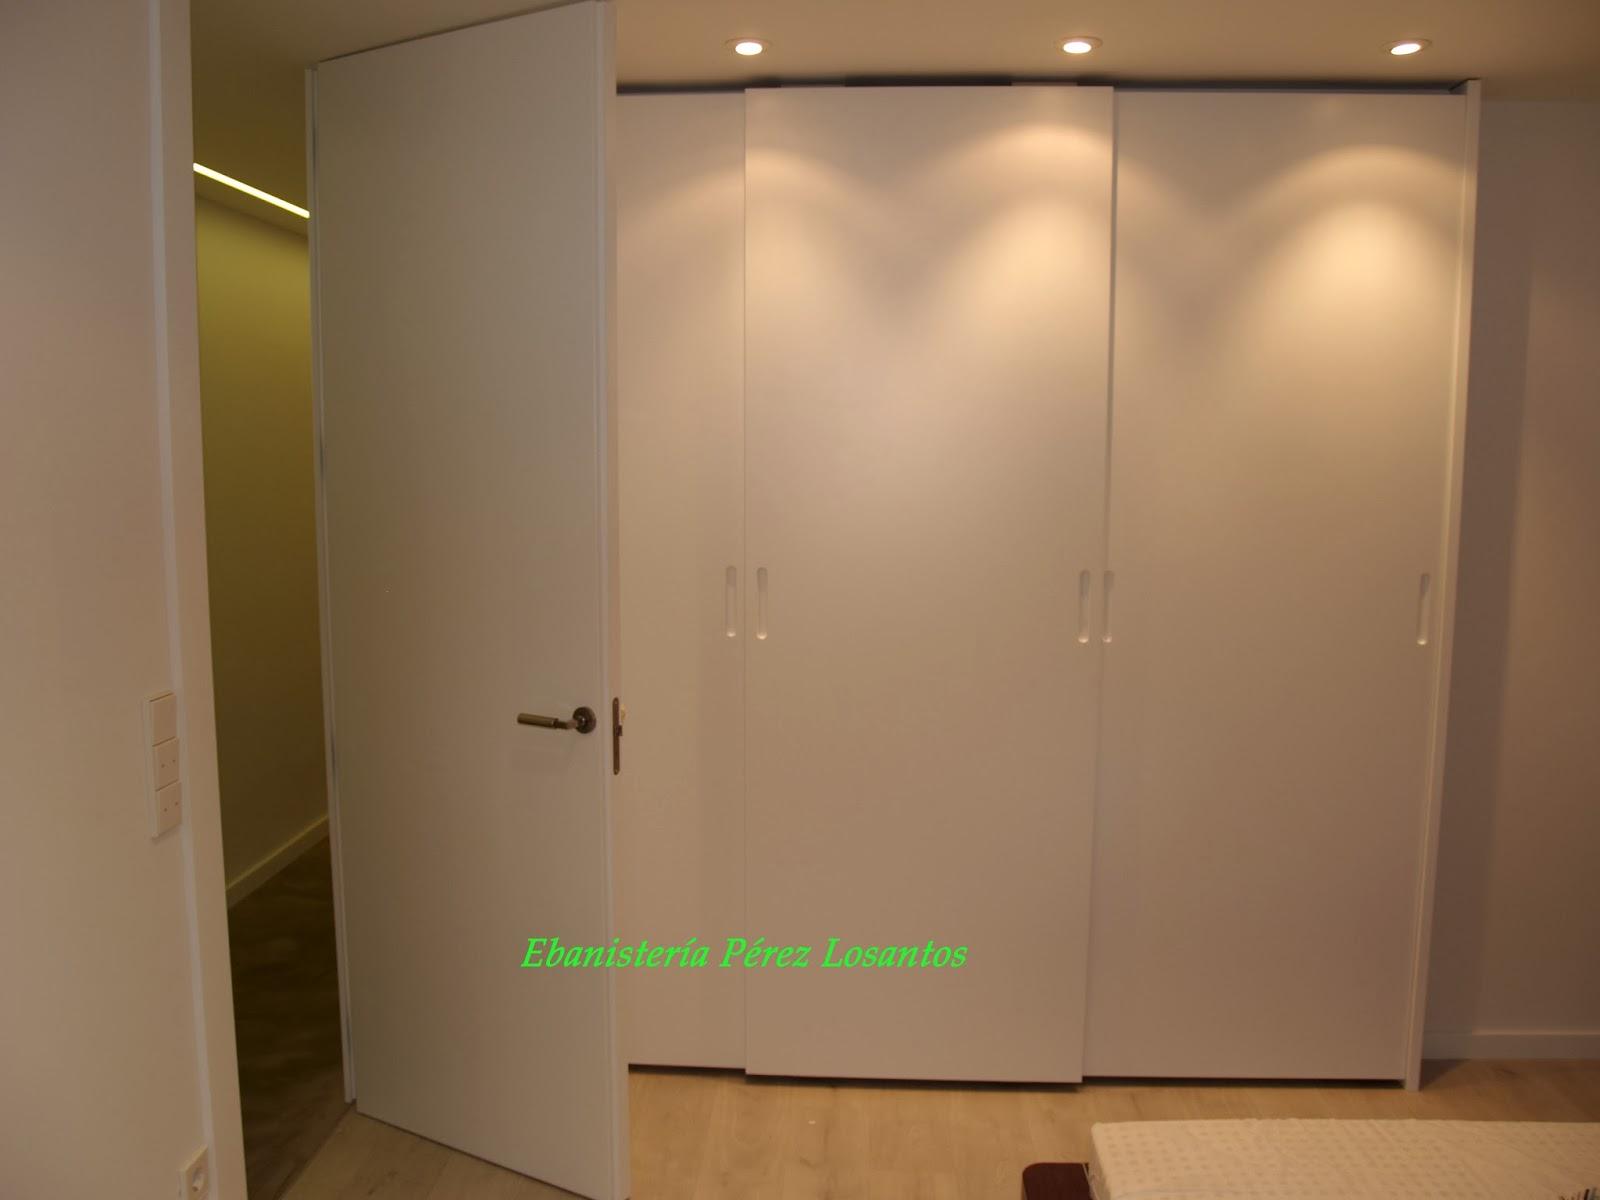 Ebanisteria perez losantos s l armarios a medida armario lacado puertas correderas colgadas - Puertas correderas colgadas ...